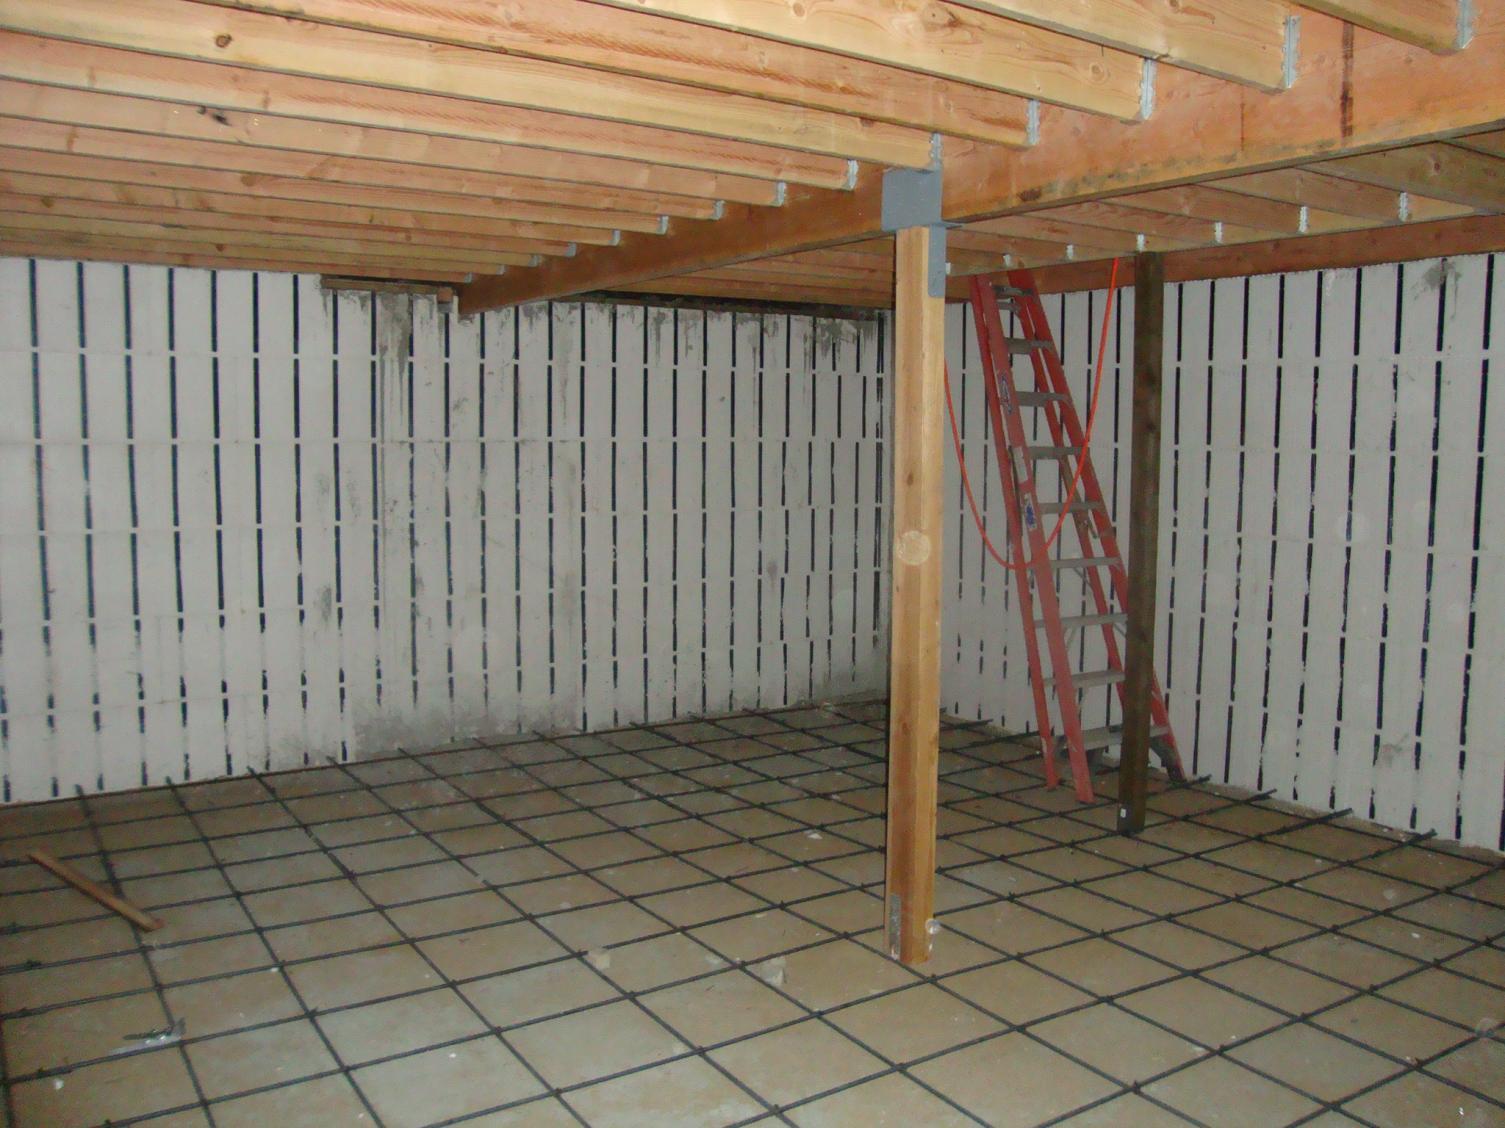 arxx basement in ca excavation site work contractor talk